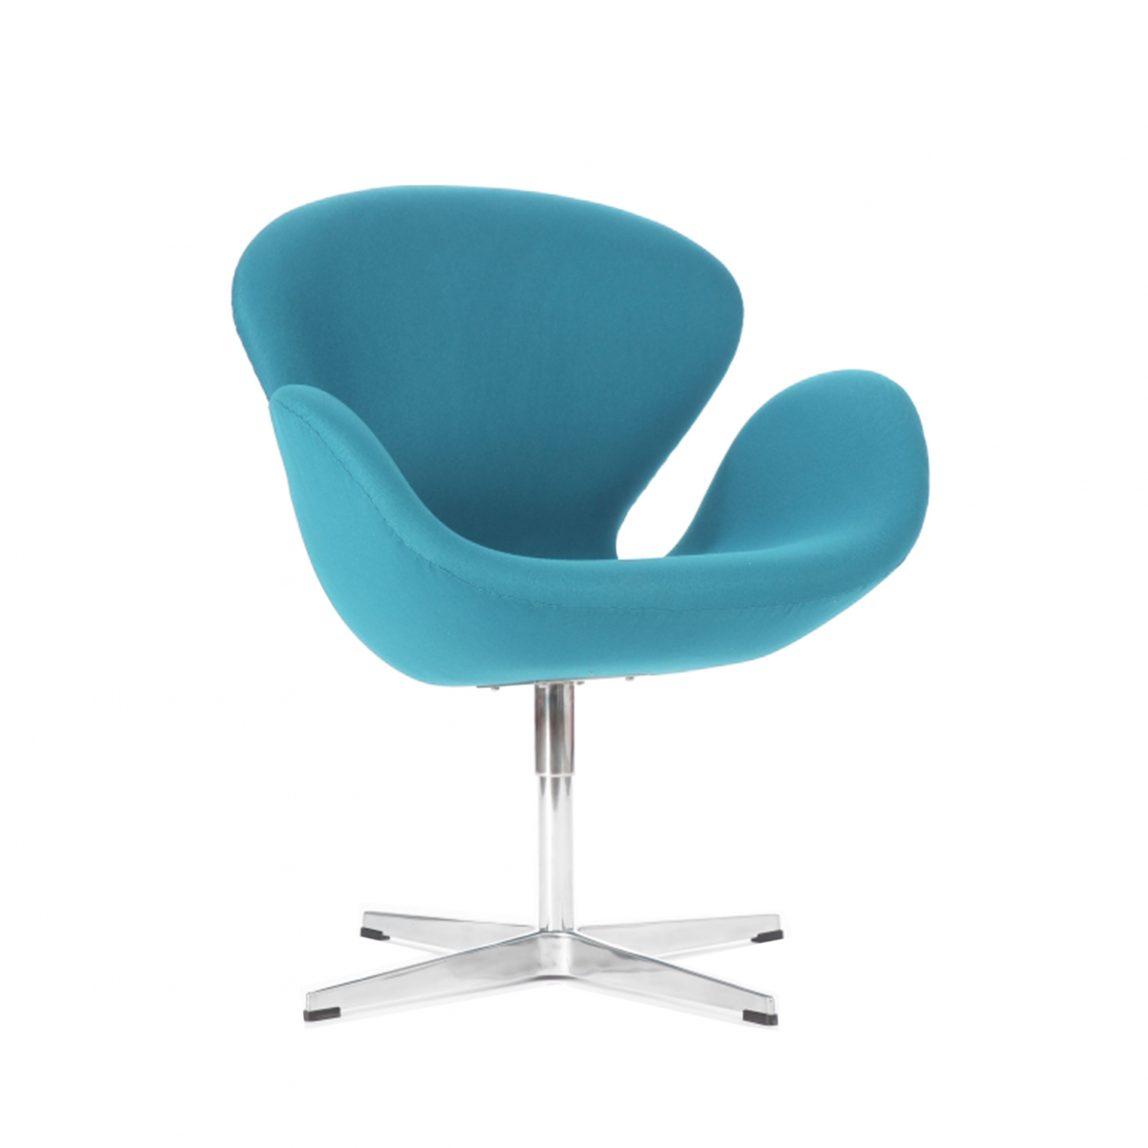 Современное голубое кресло Свон